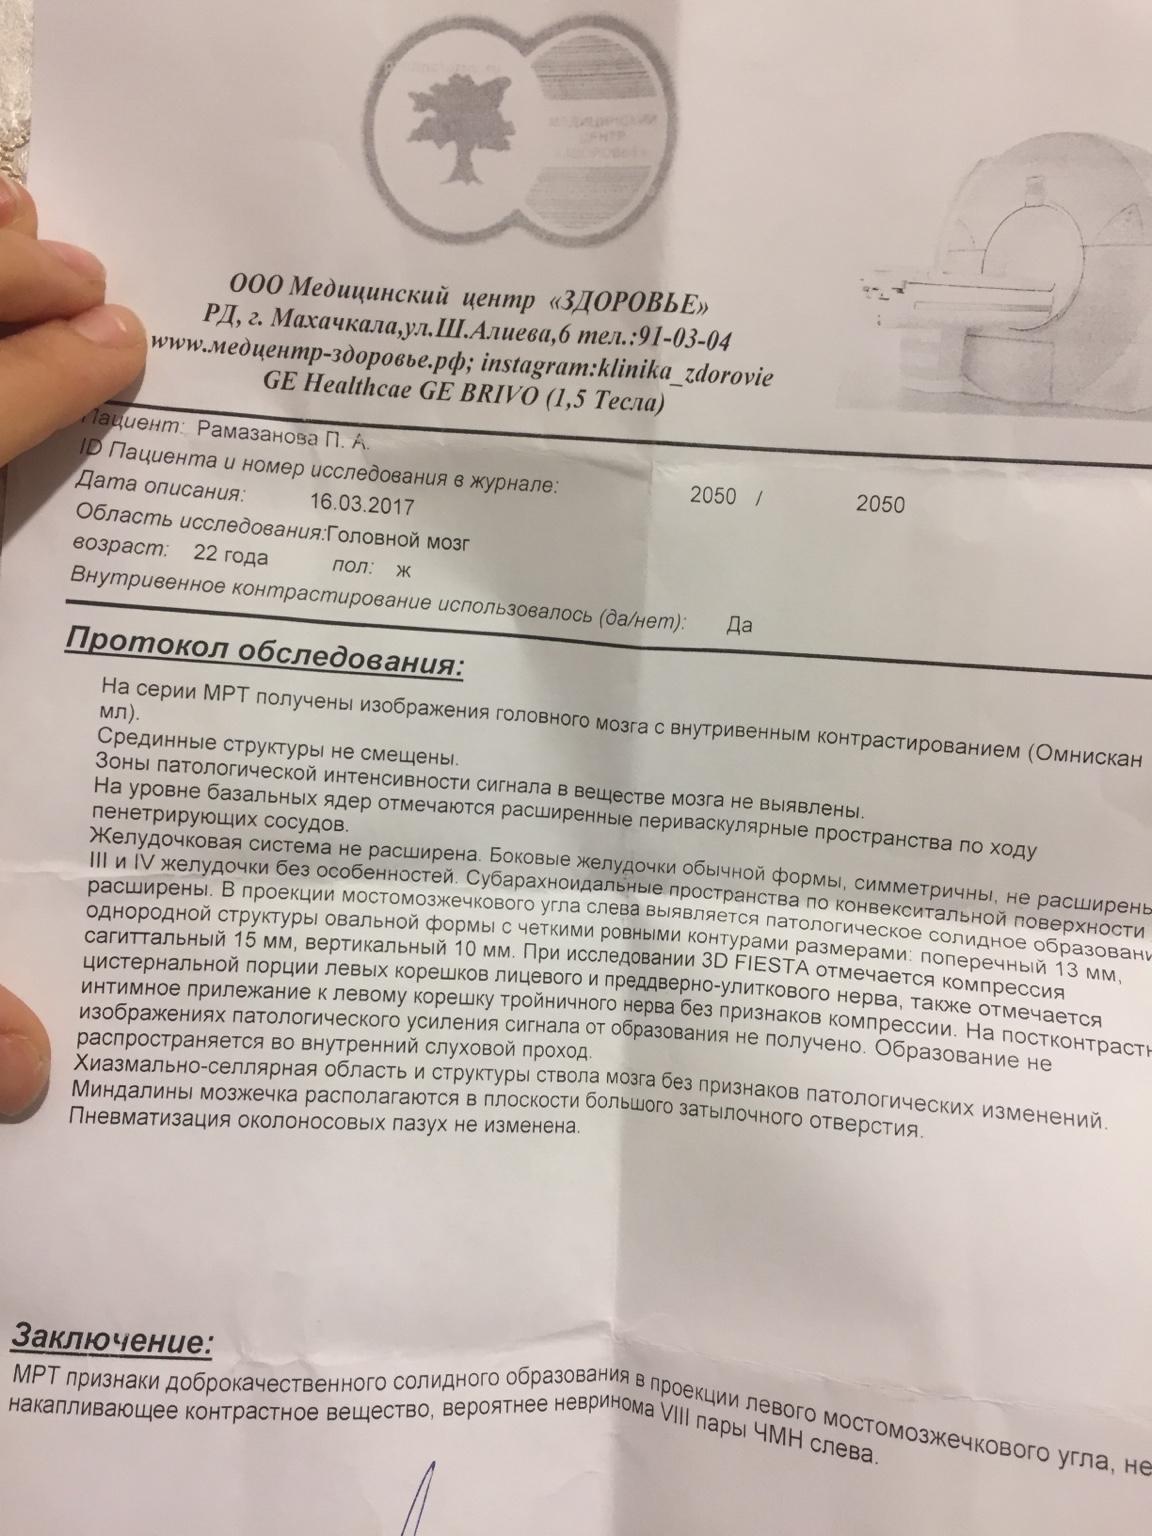 Помогите расшифровать заключение МРТ